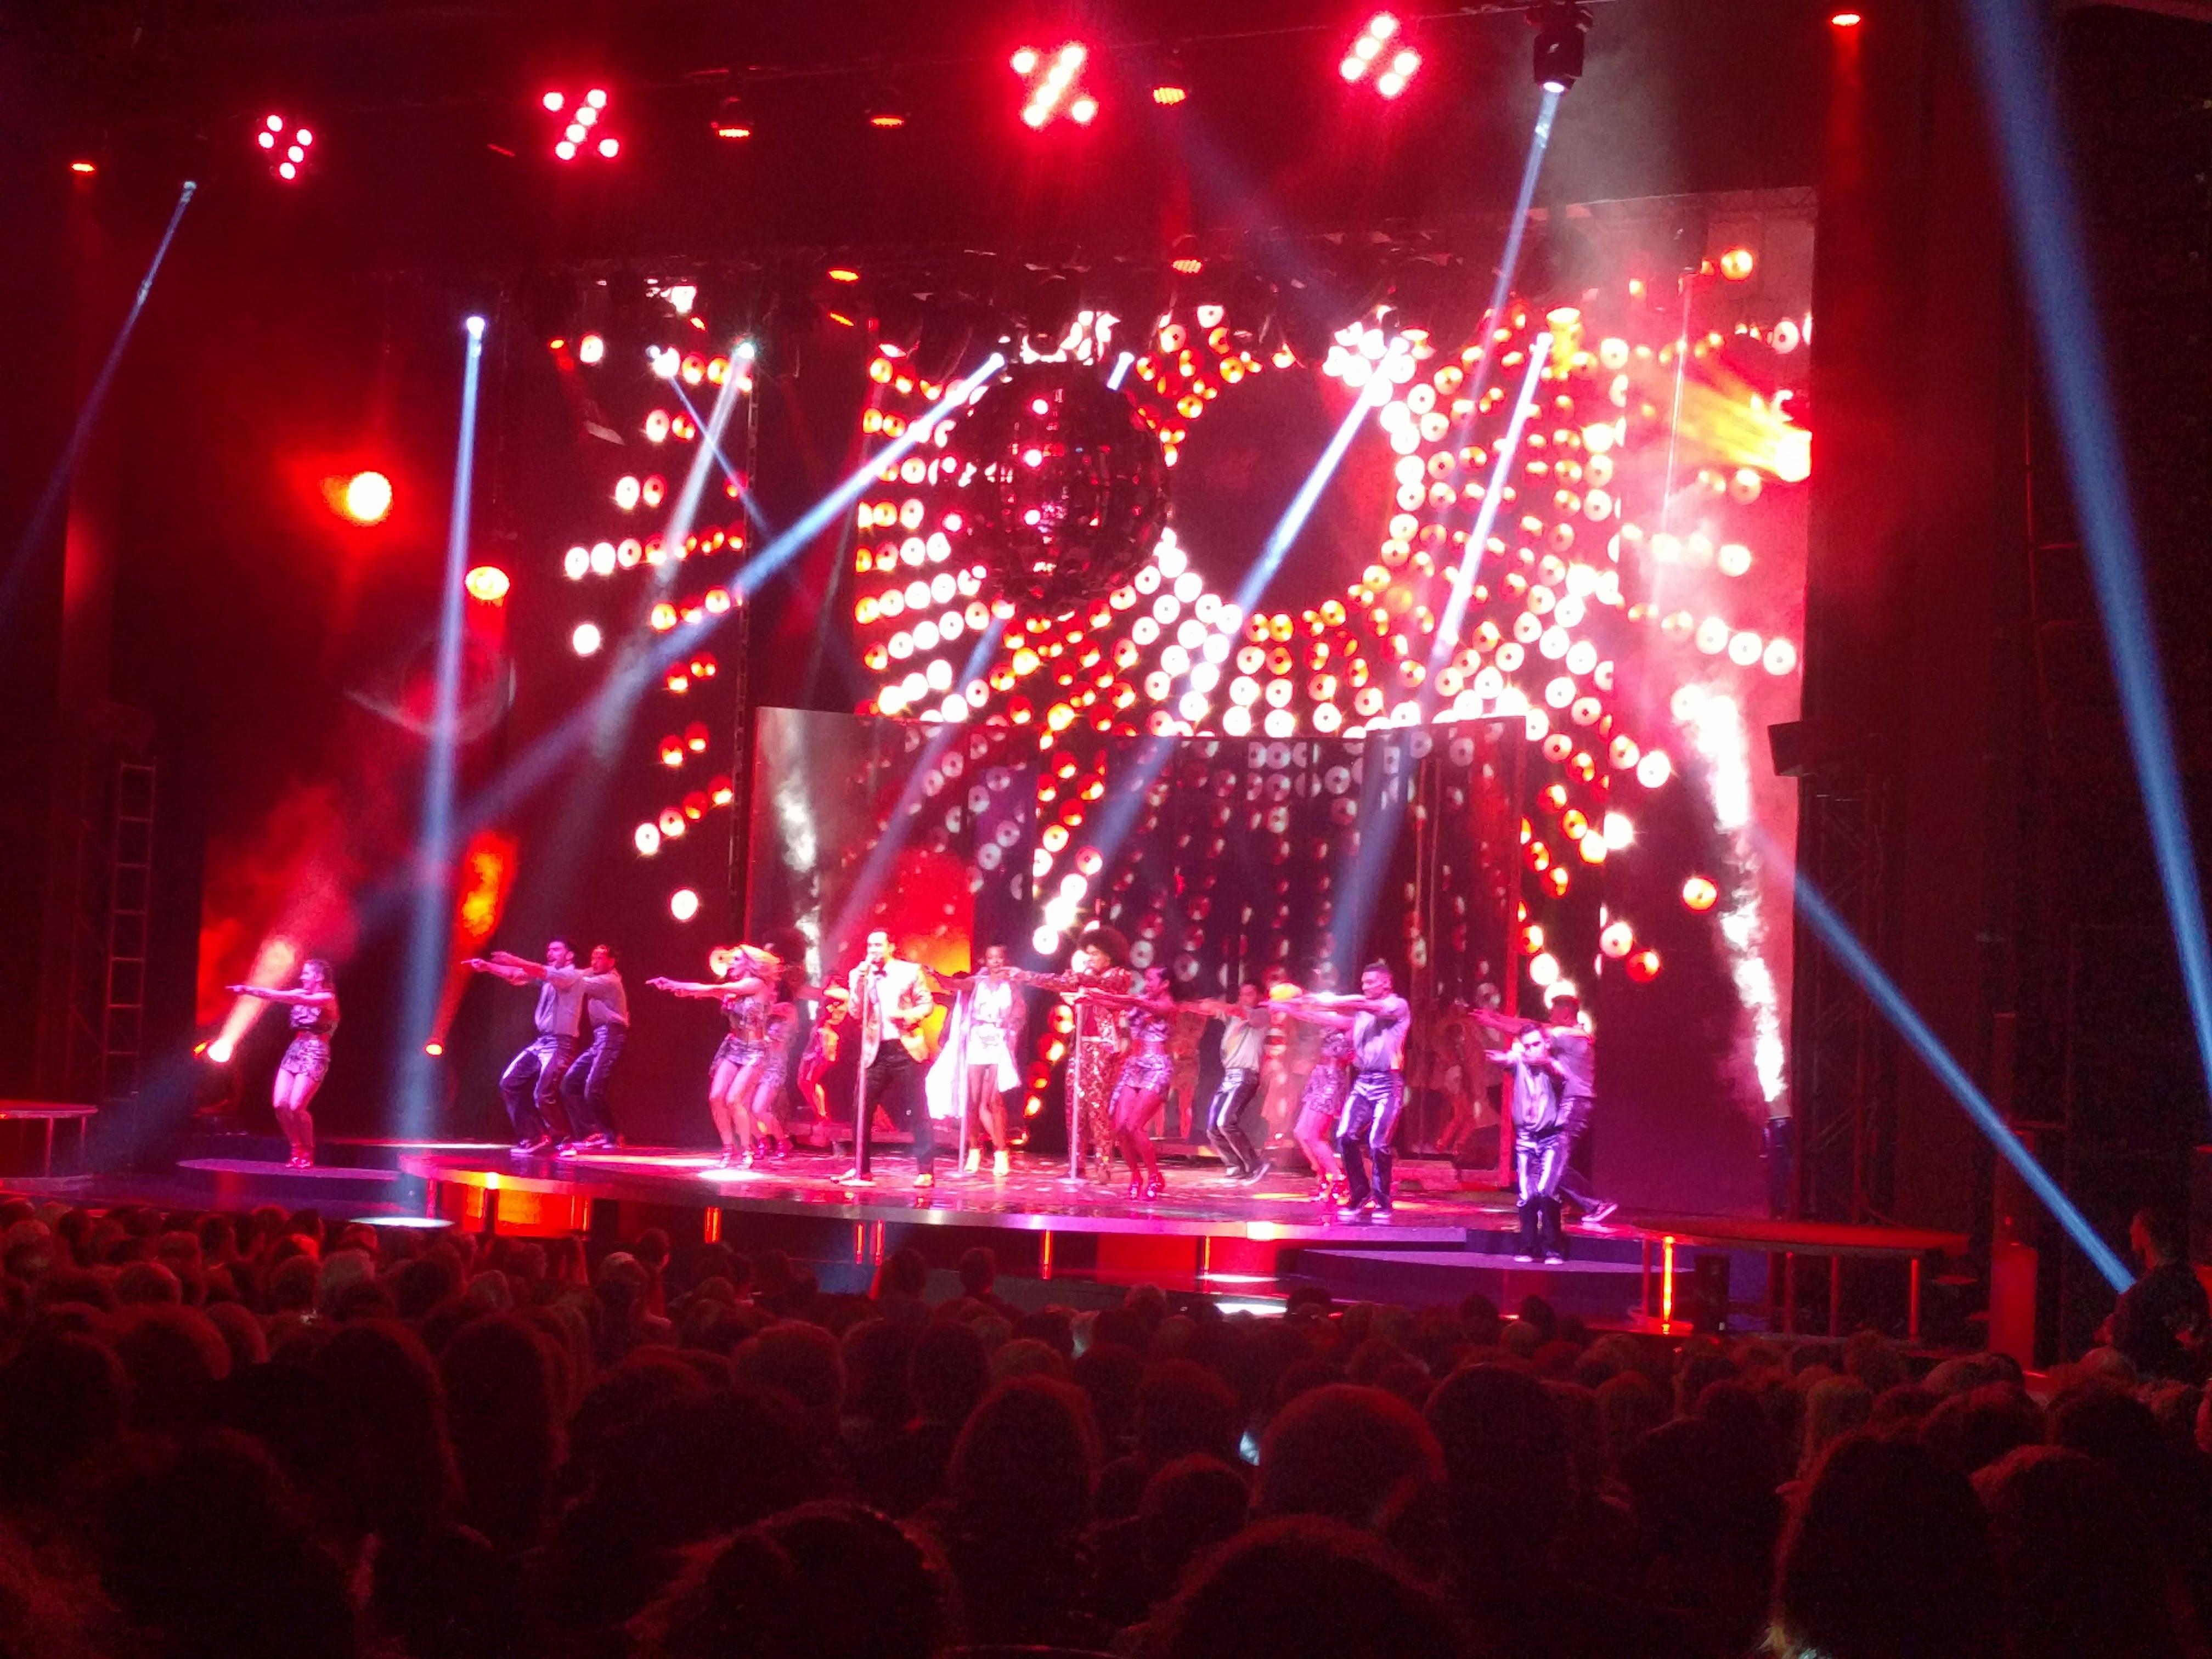 Saturday Night Fever à Montréal: un spectacle électrisant à voir absolument